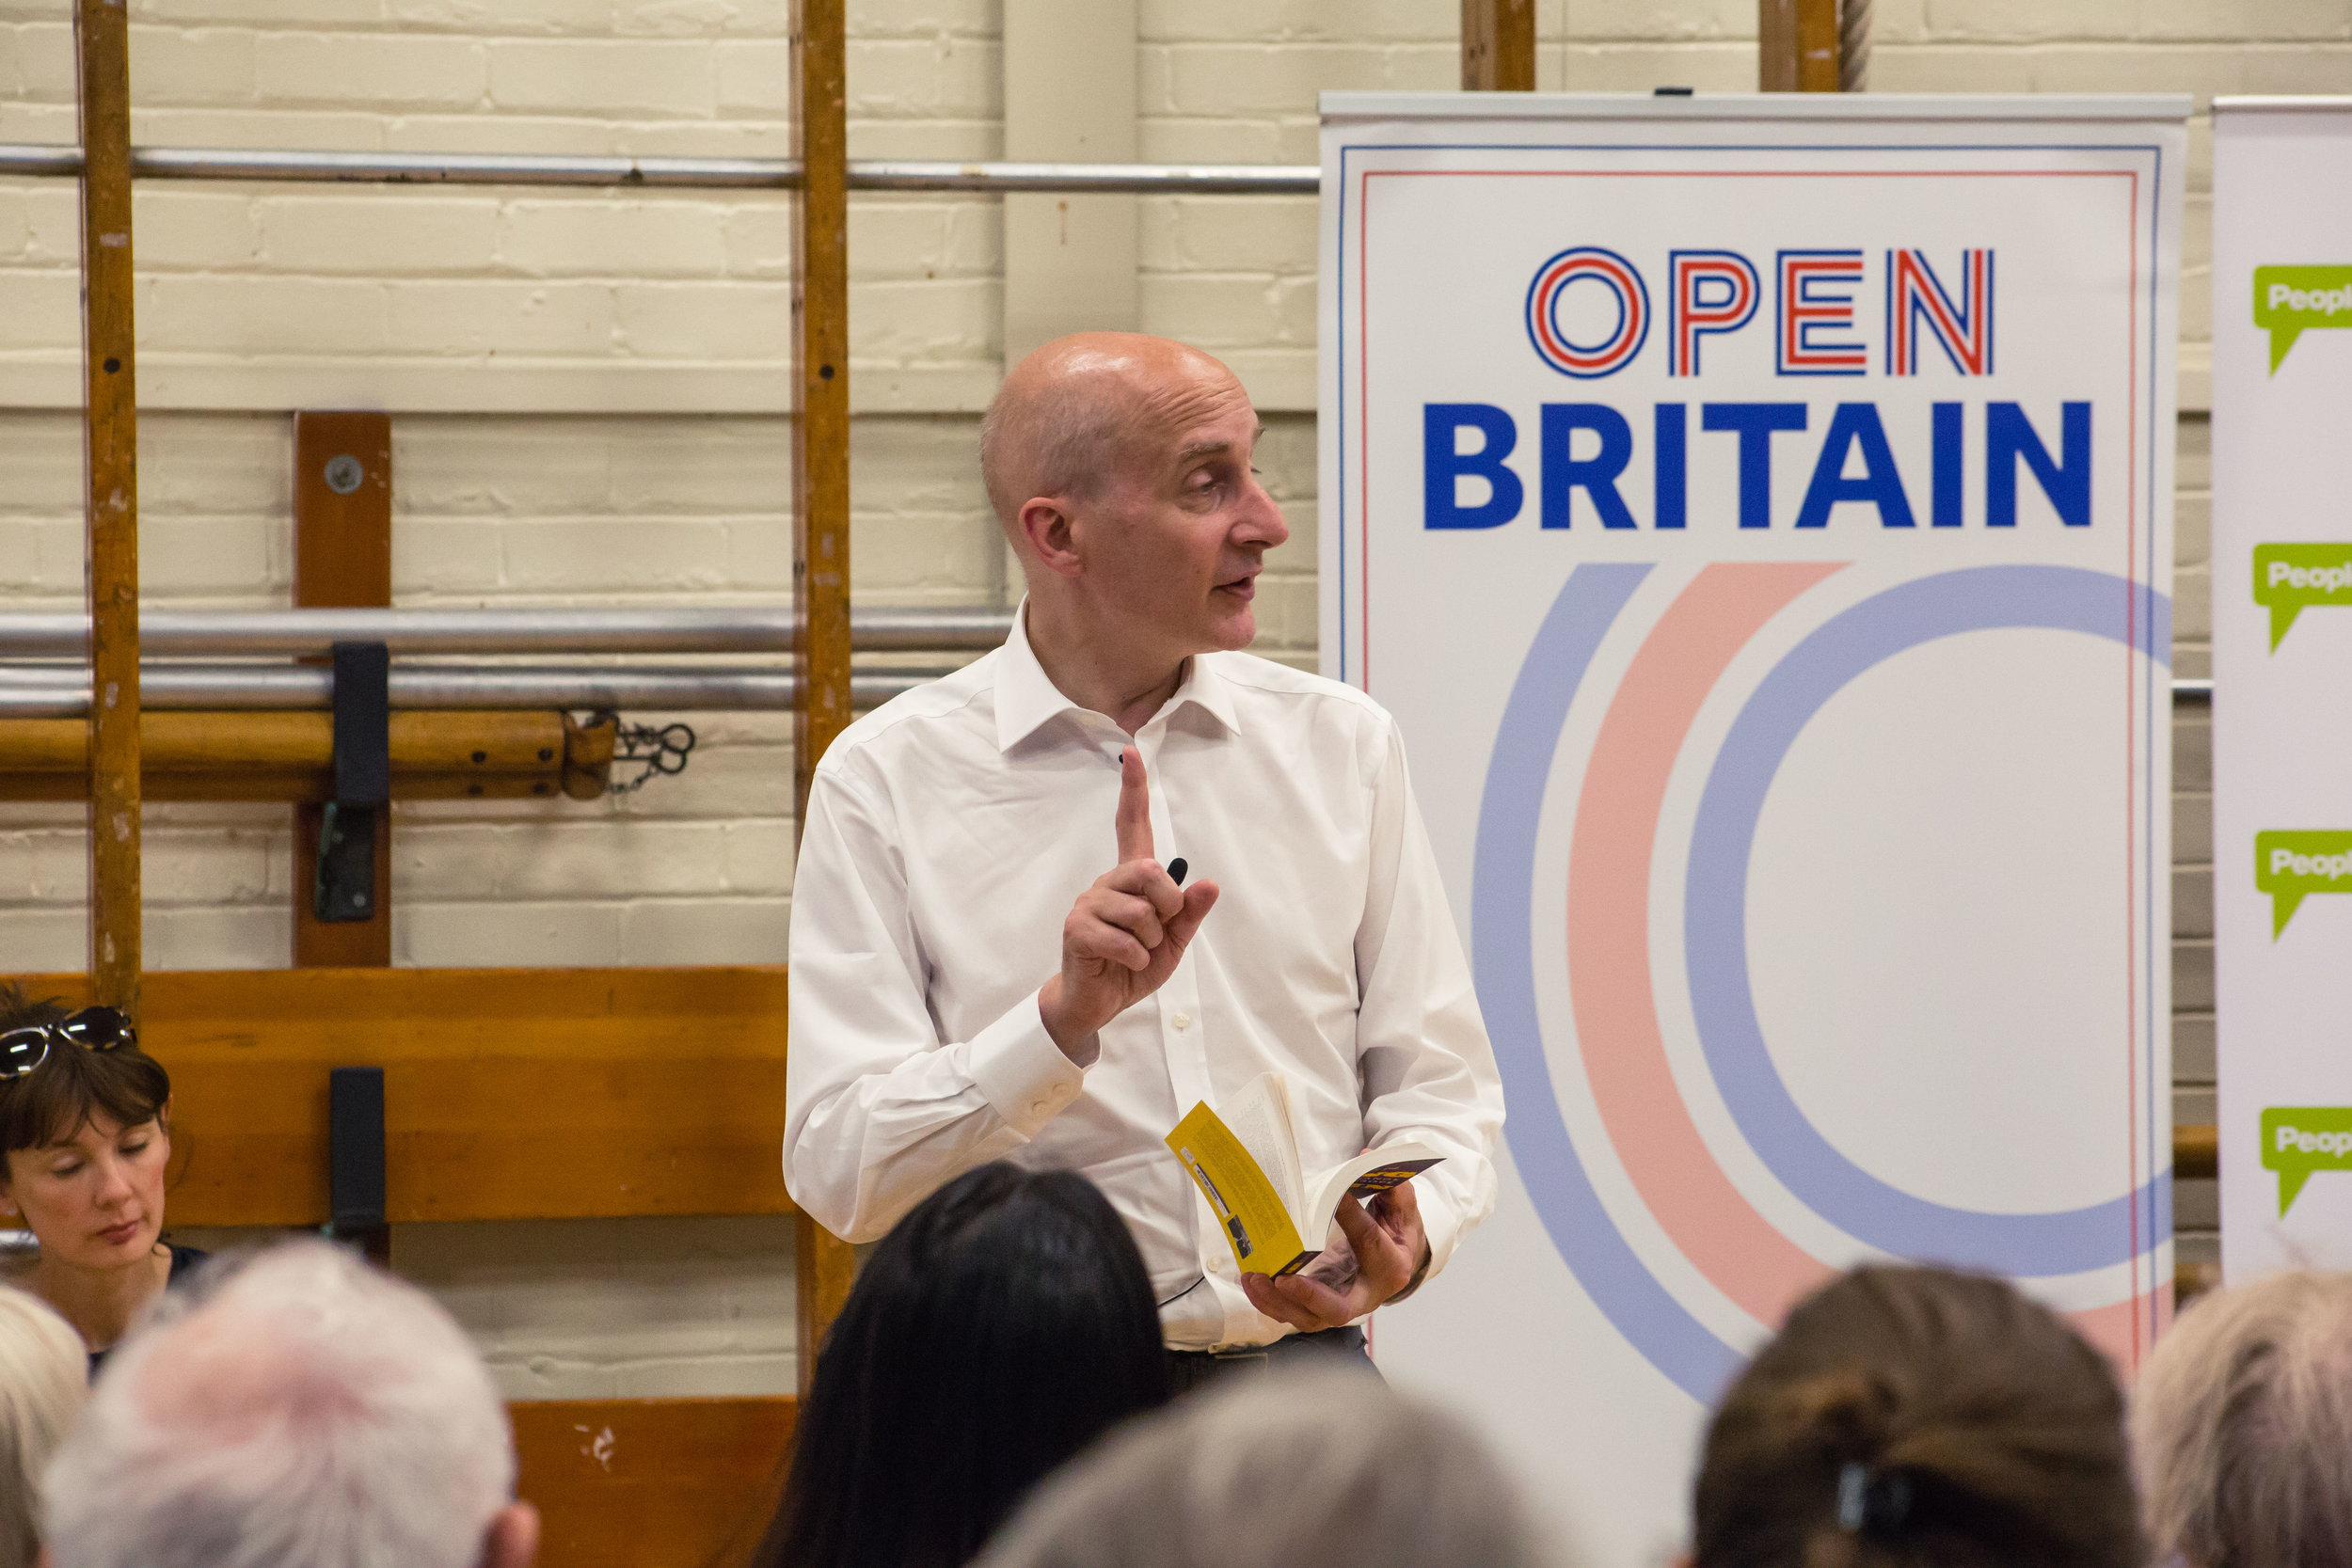 Open Britain Hampstead Diana von R Lord Adonis